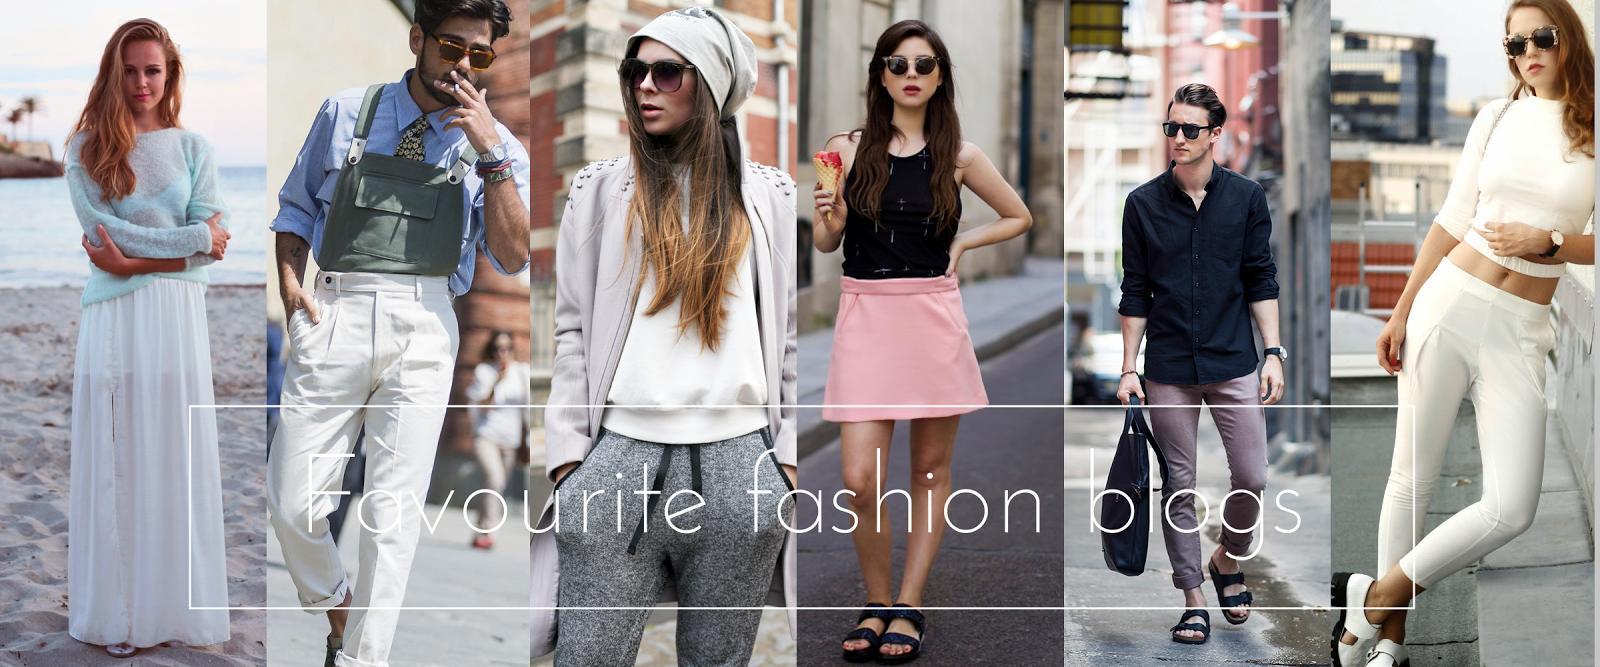 Die Top 6 meiner liebsten Fashionblogs